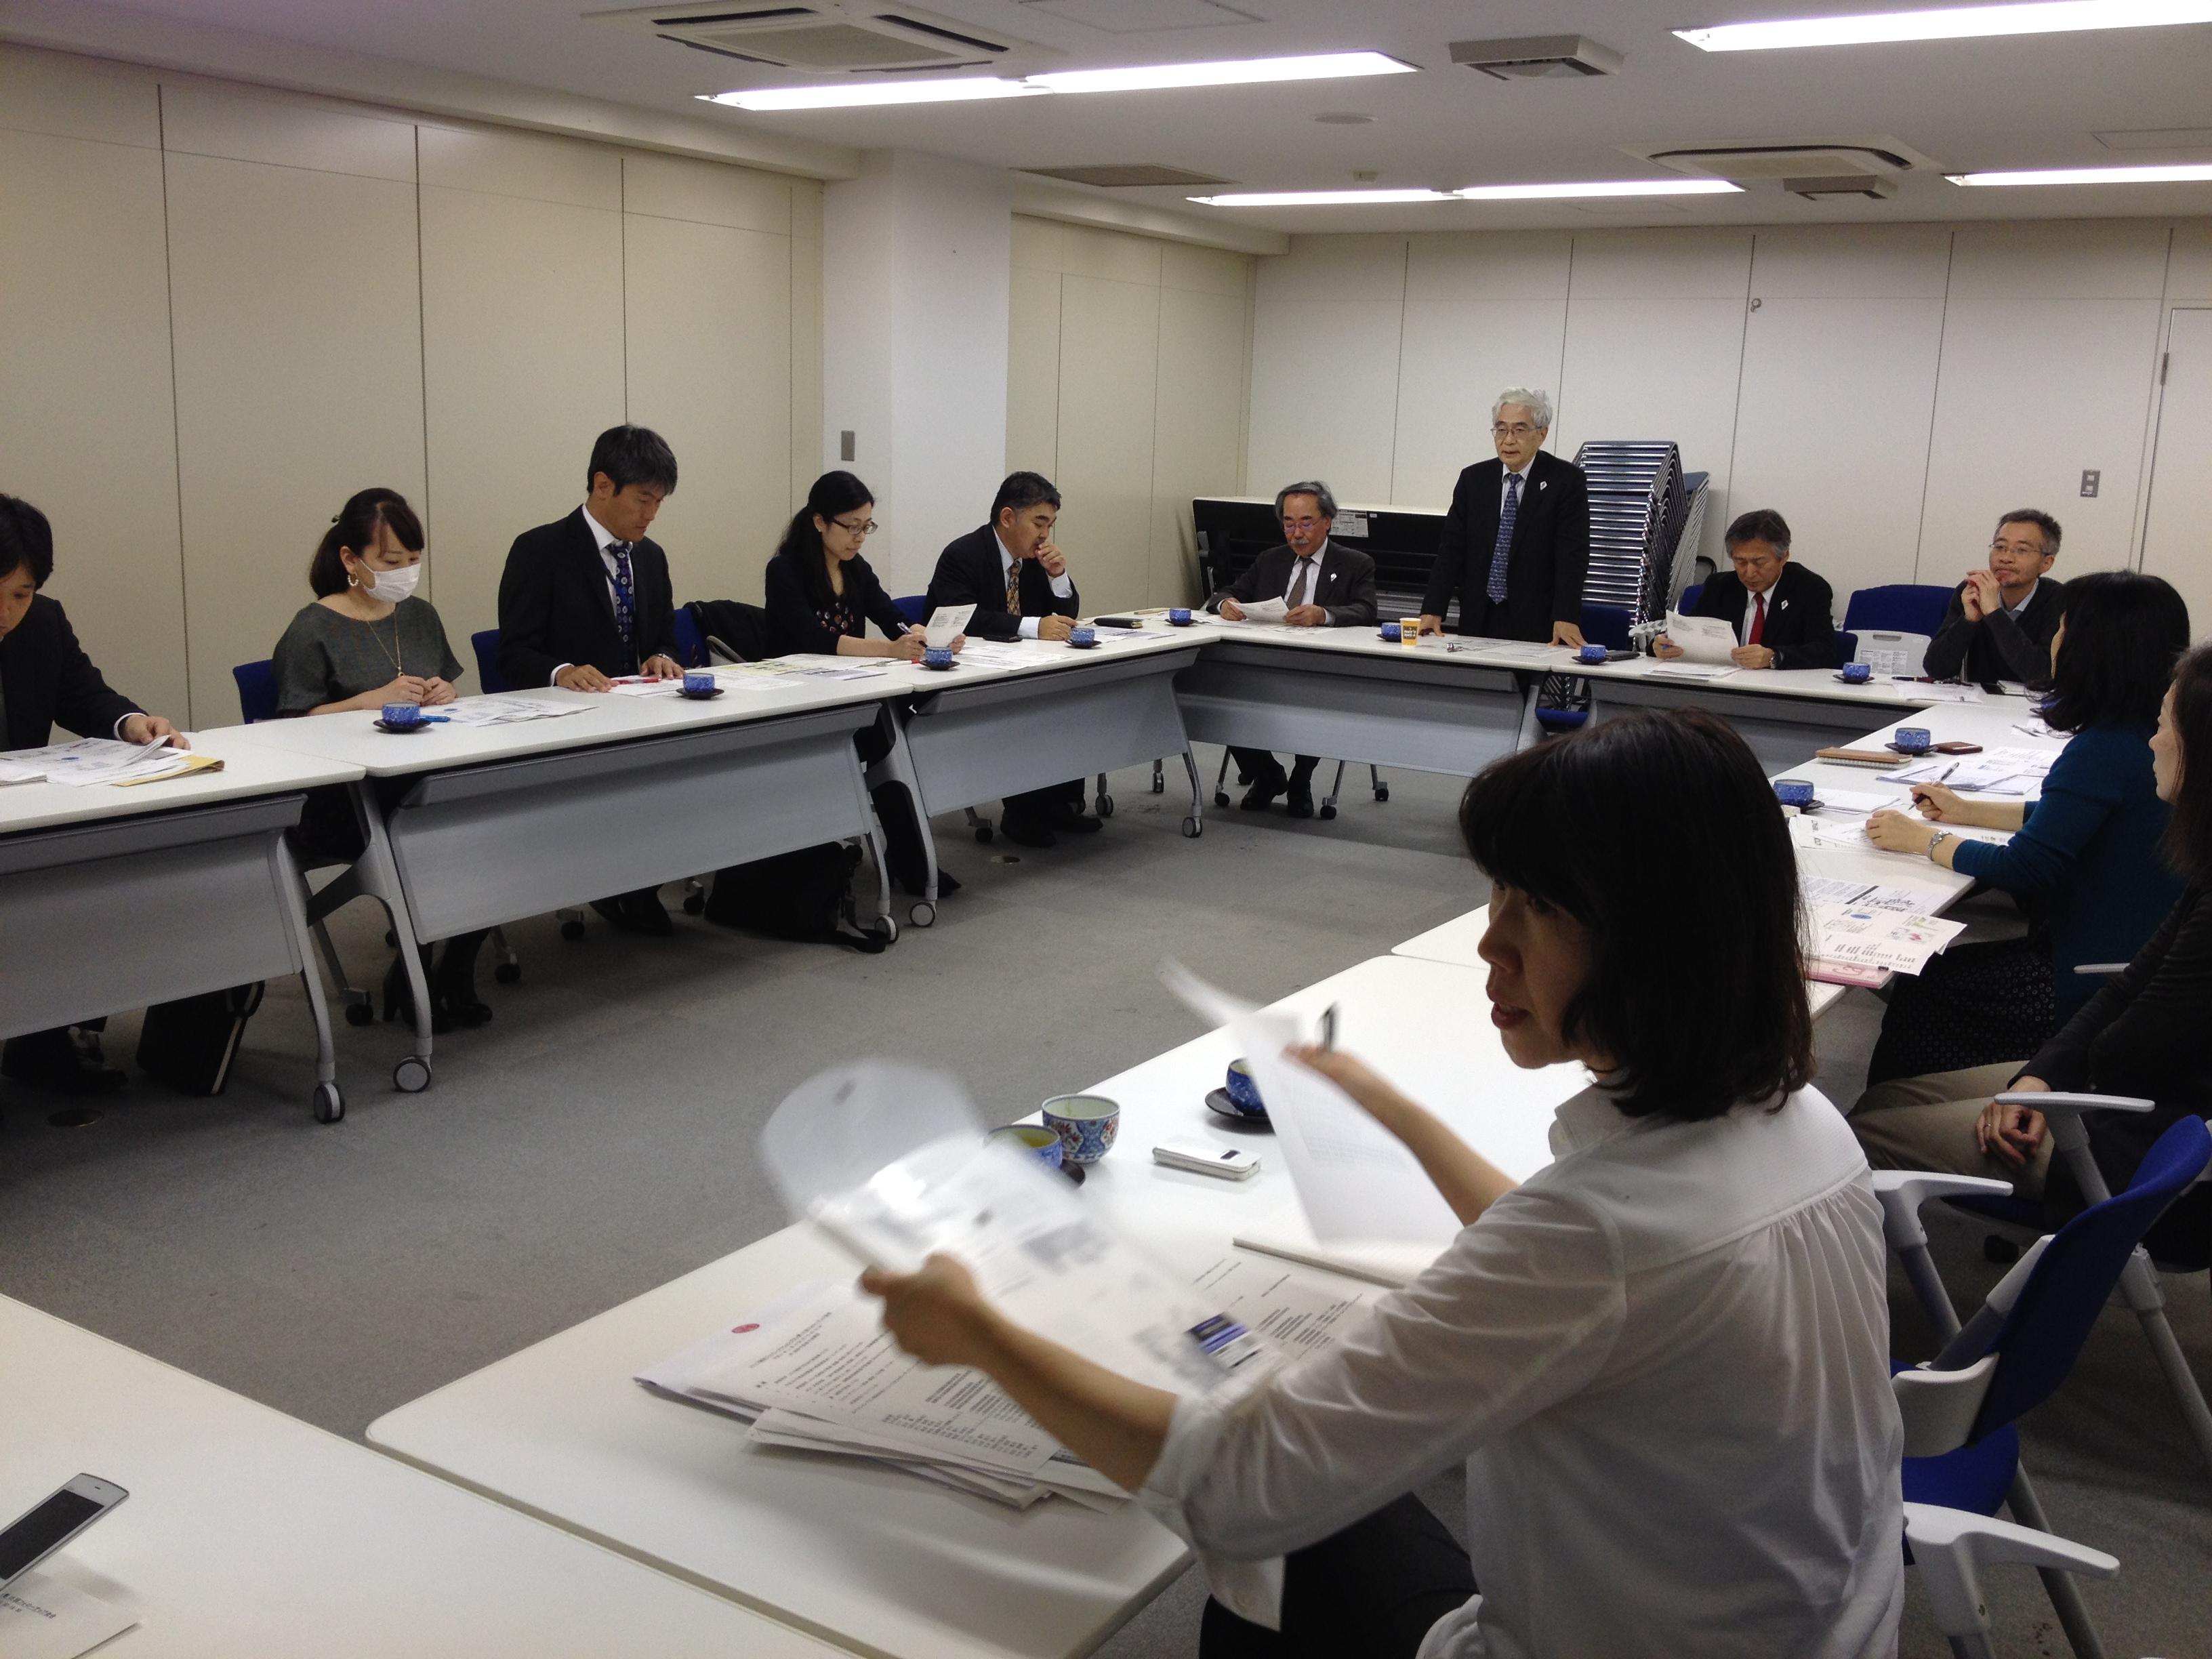 ストップ結核ジャパンアクションプラン・フォローアップ会合に参加